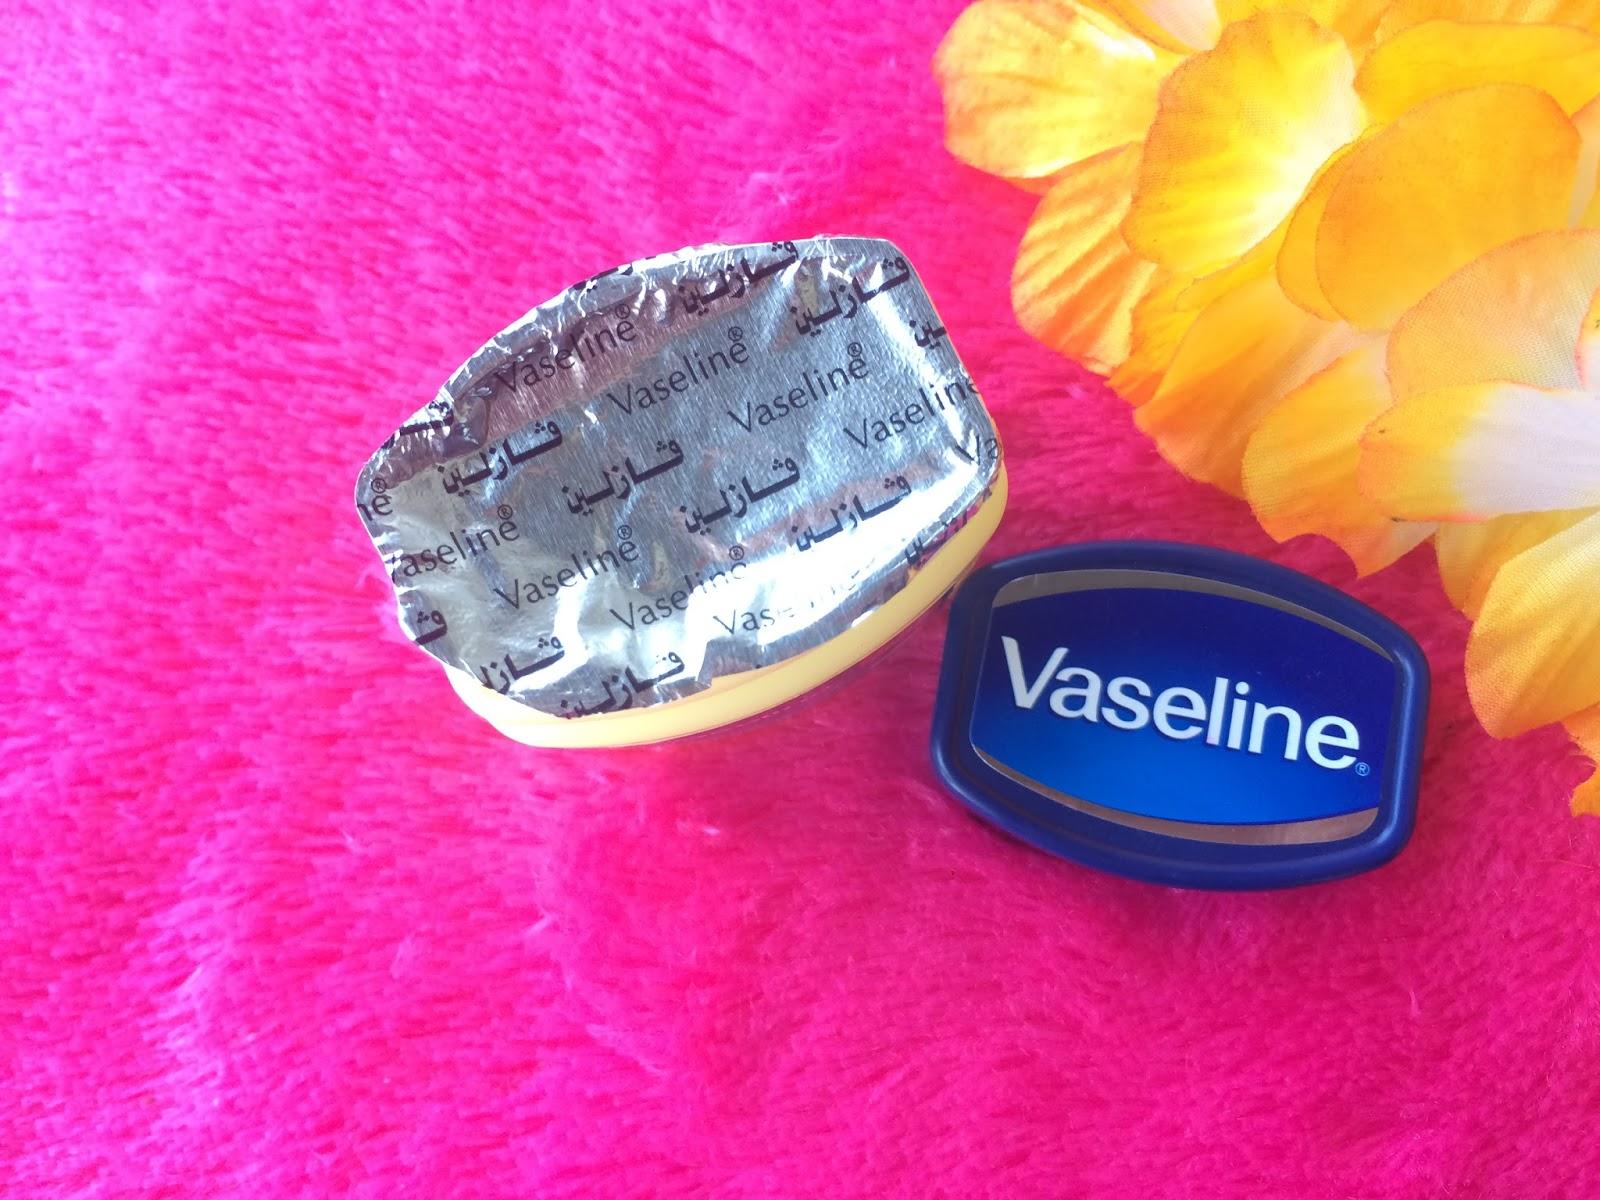 Review Vaseline Petroleum Jelly Arab Bonjour Gens 120ml Badan Jar Nya Berwarna Putih Susu Yang Lengkap Dengan Keterangan Produk Berbahasa Aku Nggak Ngerti Sama Sekali